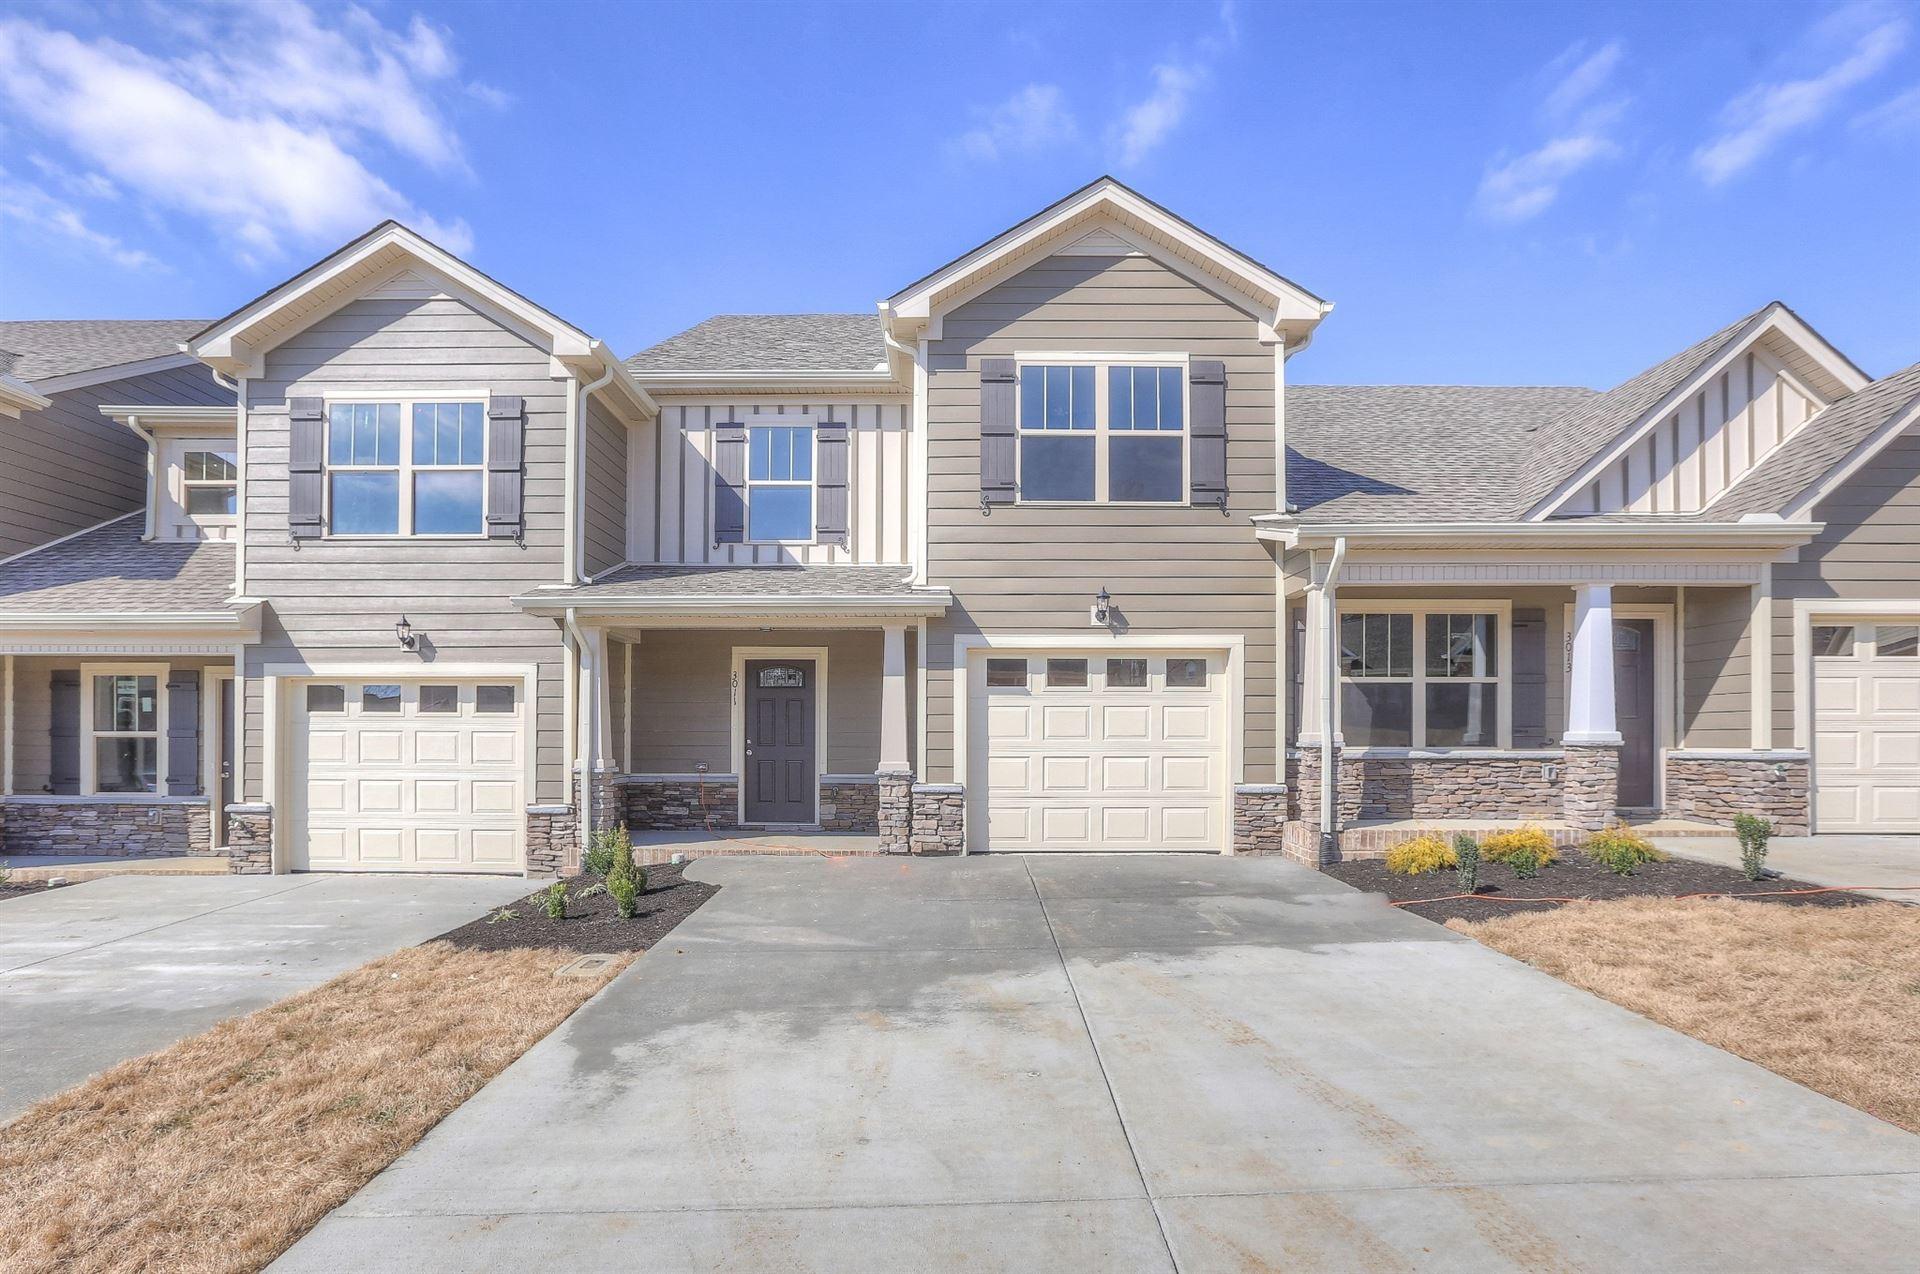 317 Mattie Lane Lot 38, Spring Hill, TN 37174 - MLS#: 2200097